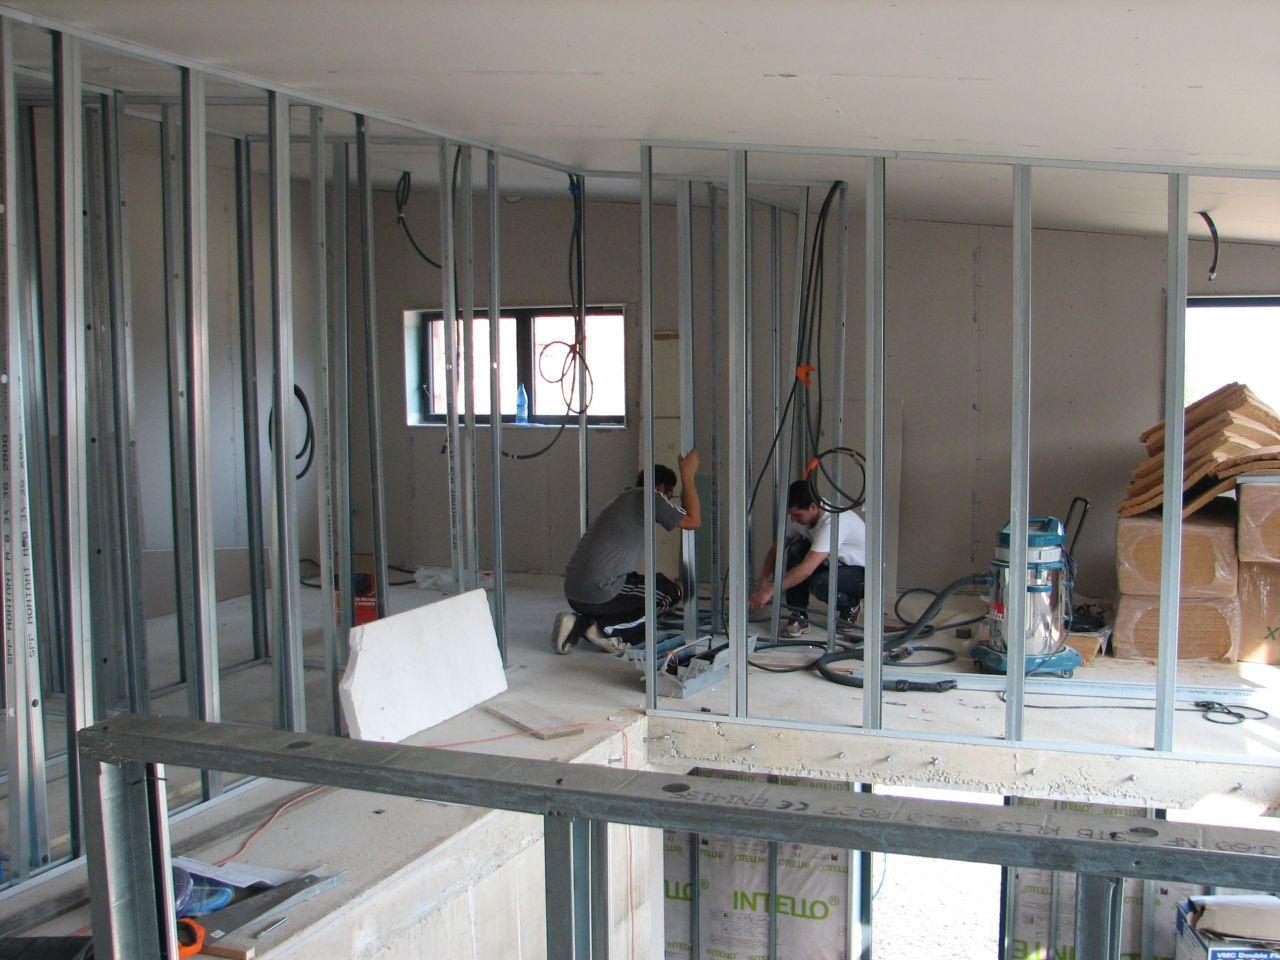 pose des rails et des montants cette fois à l'étage..et murs extérieurs et plafond plaqués!!!